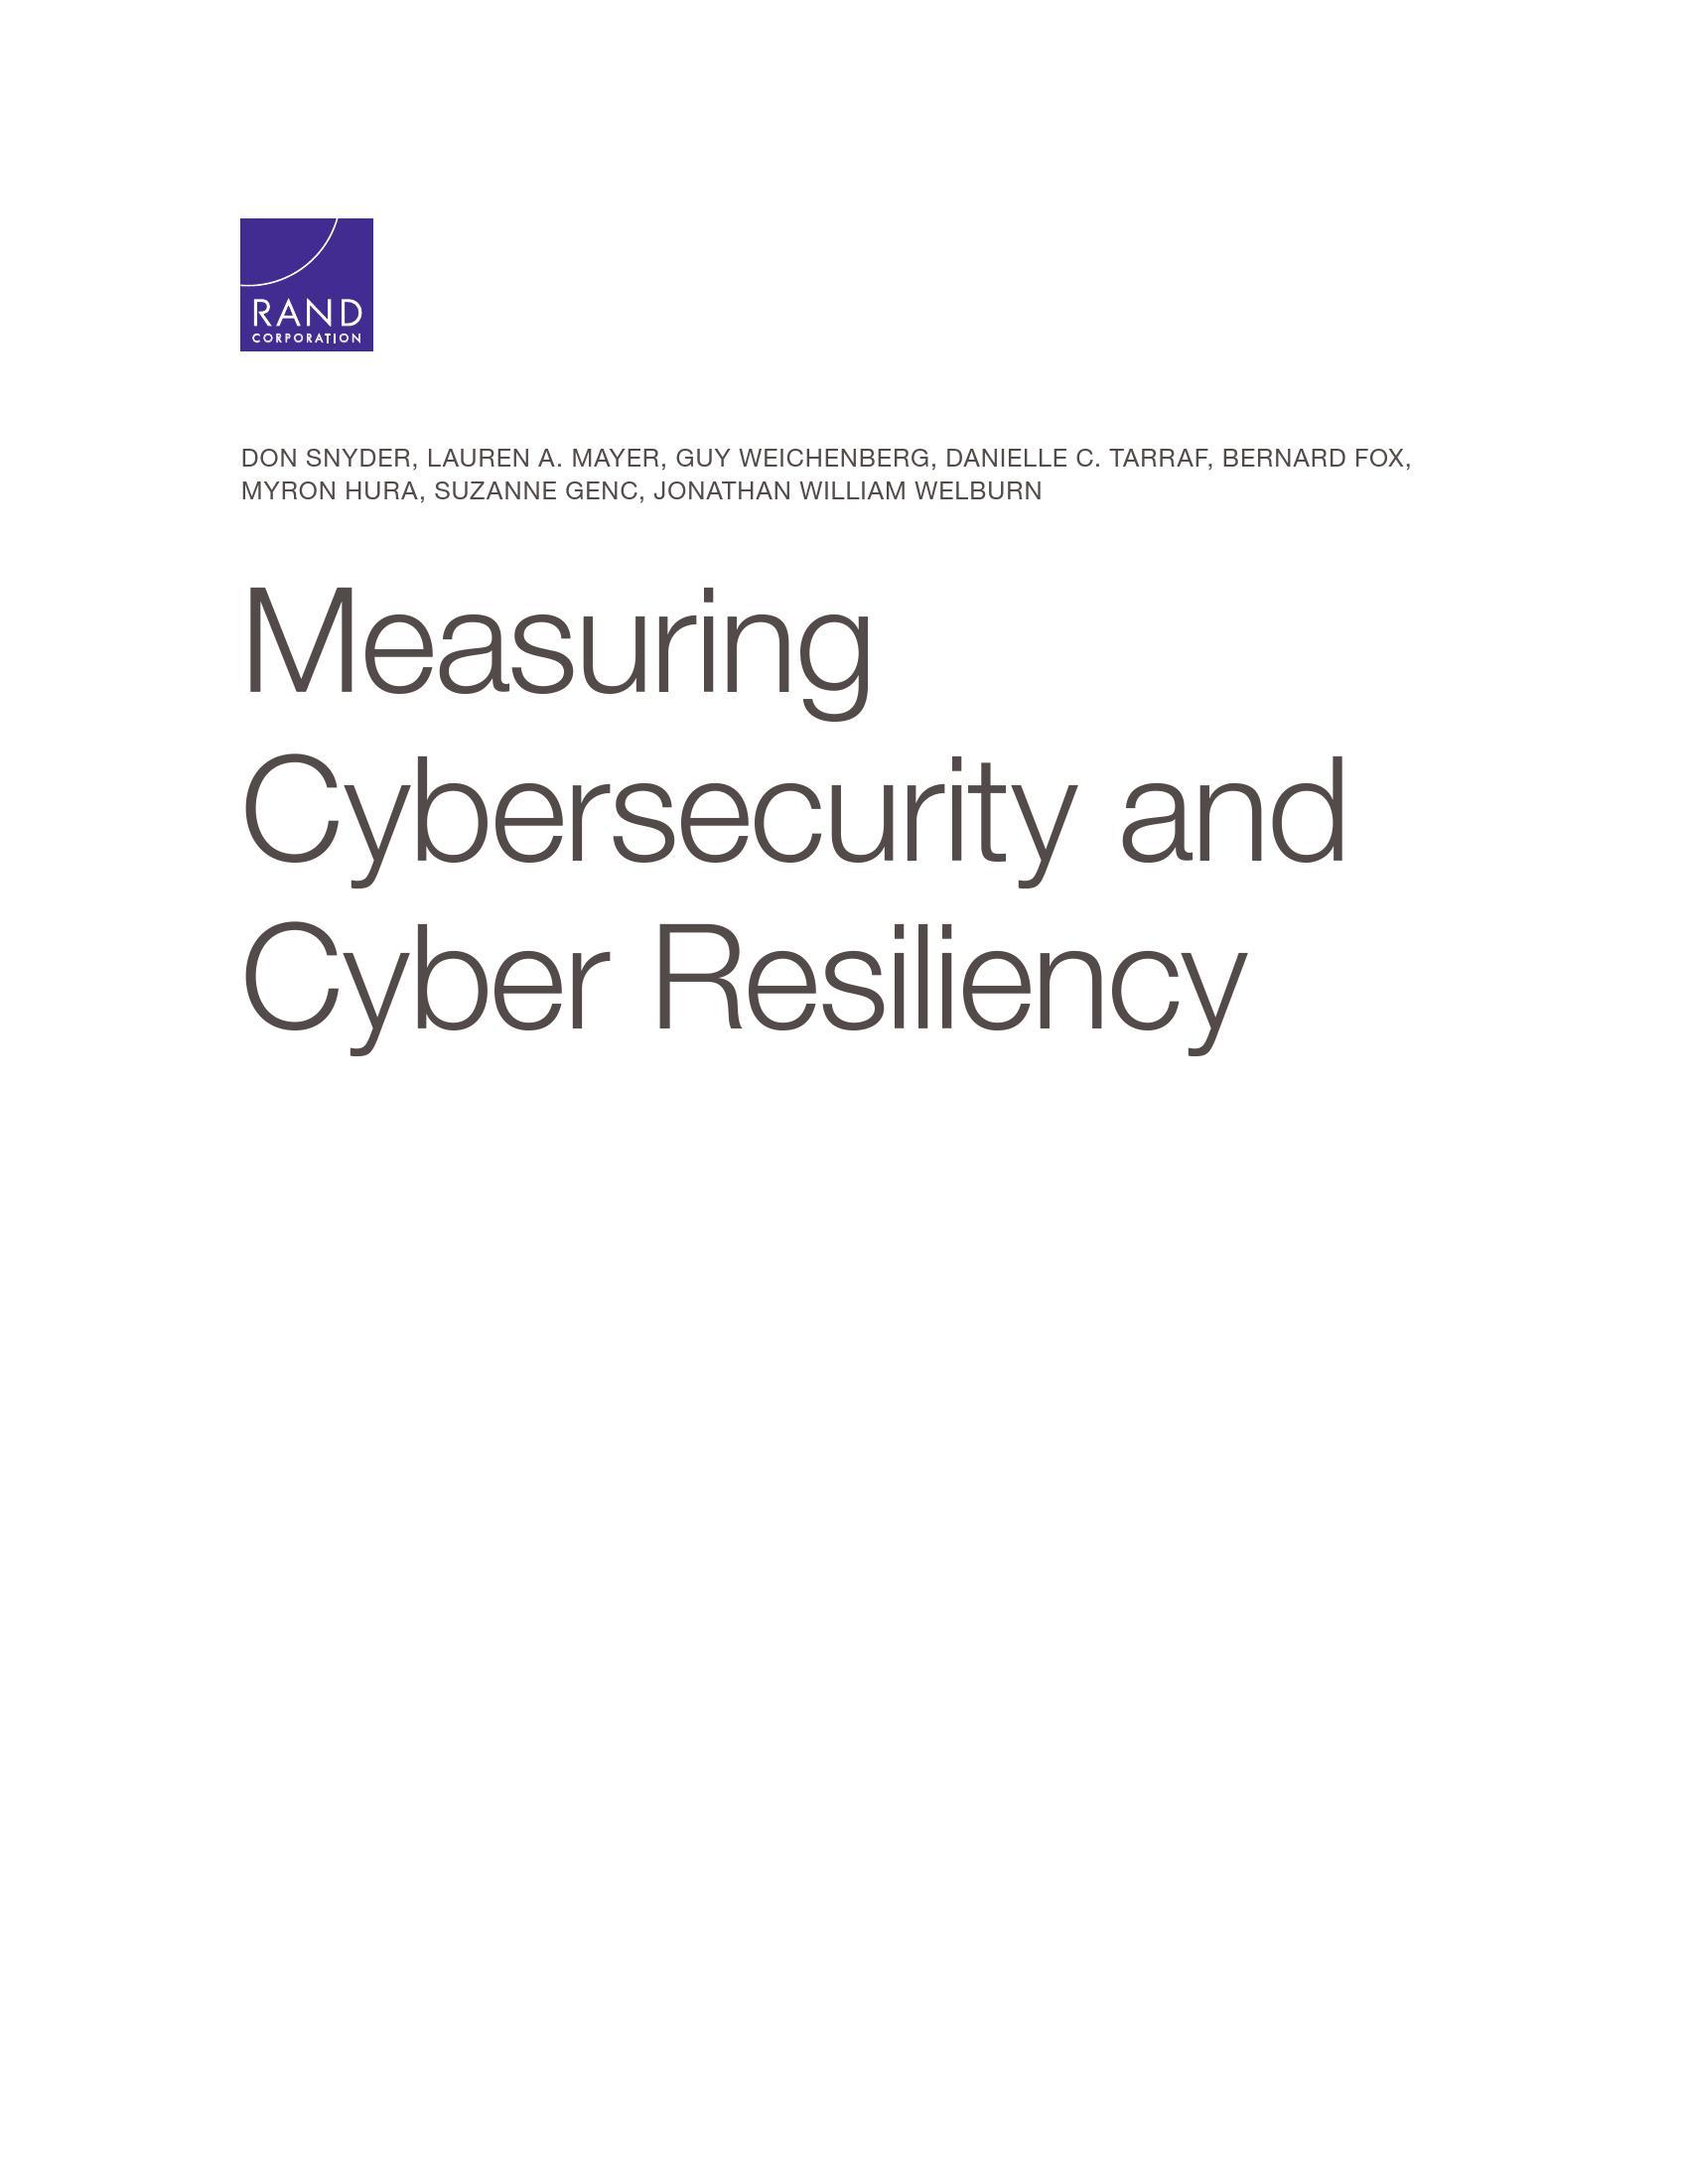 兰德:衡量网络安全和网络弹性报告